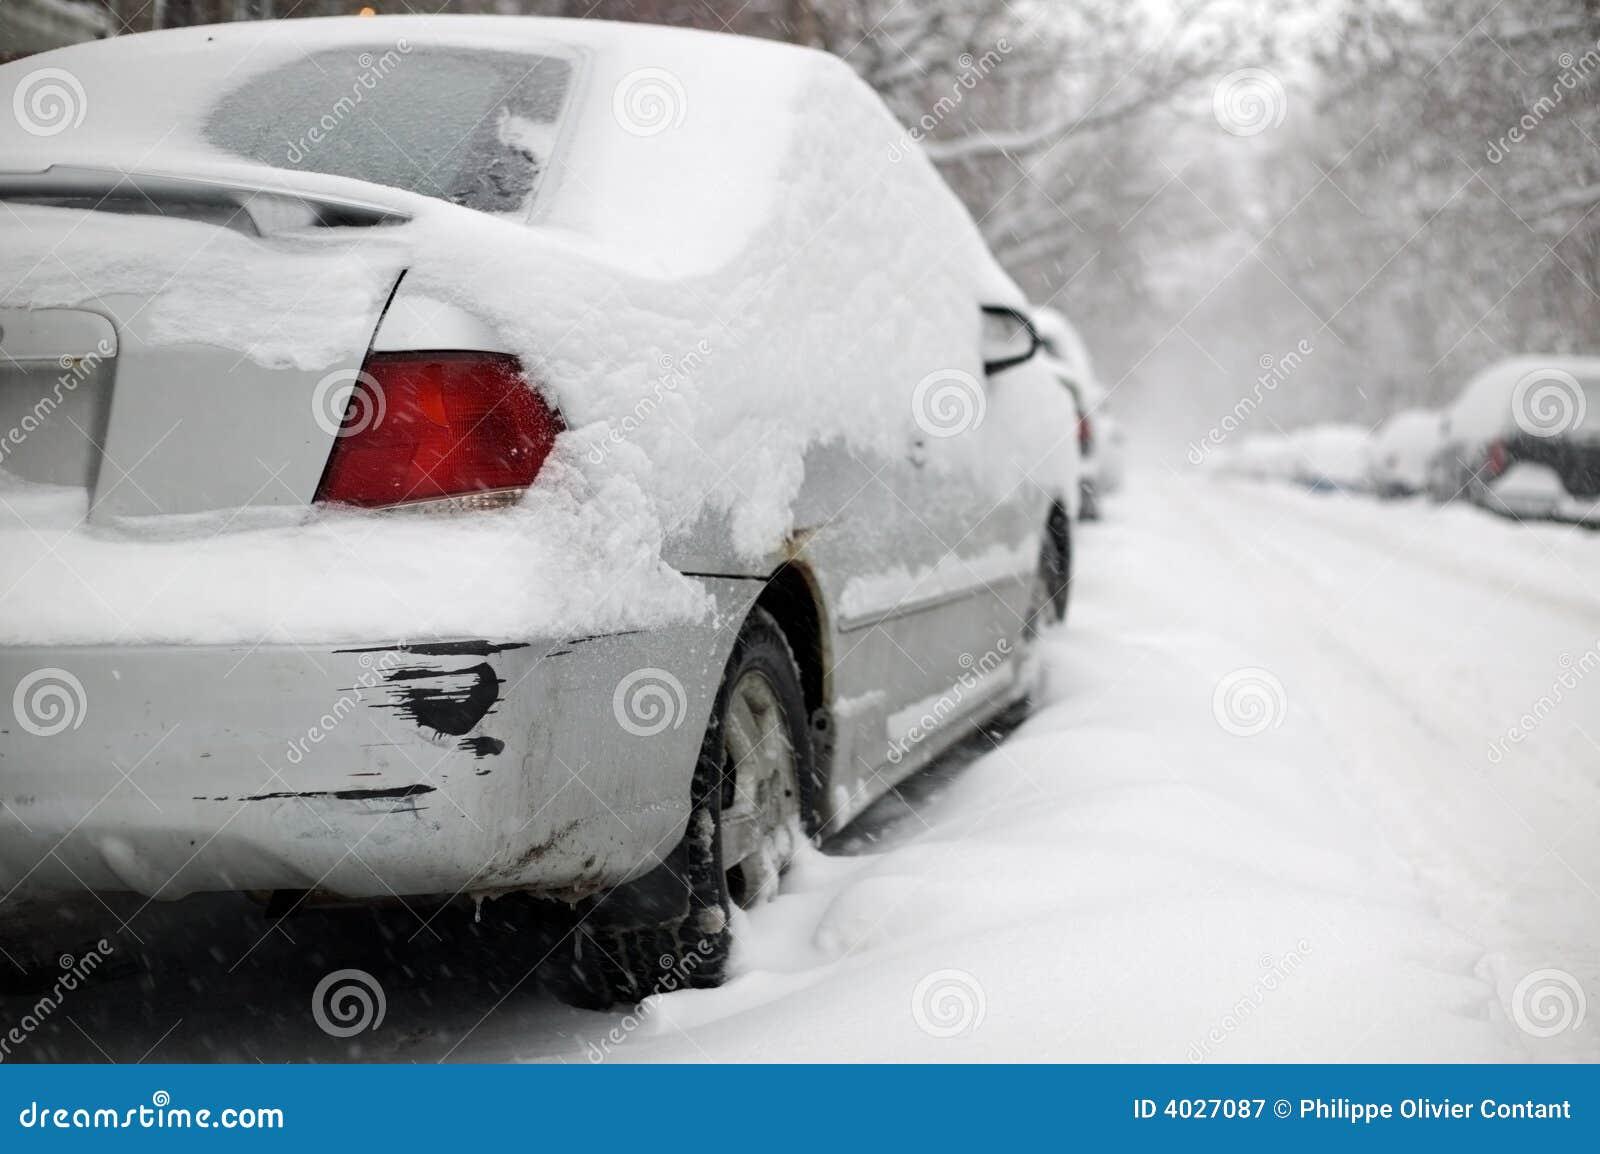 汽车损坏了生锈卡住